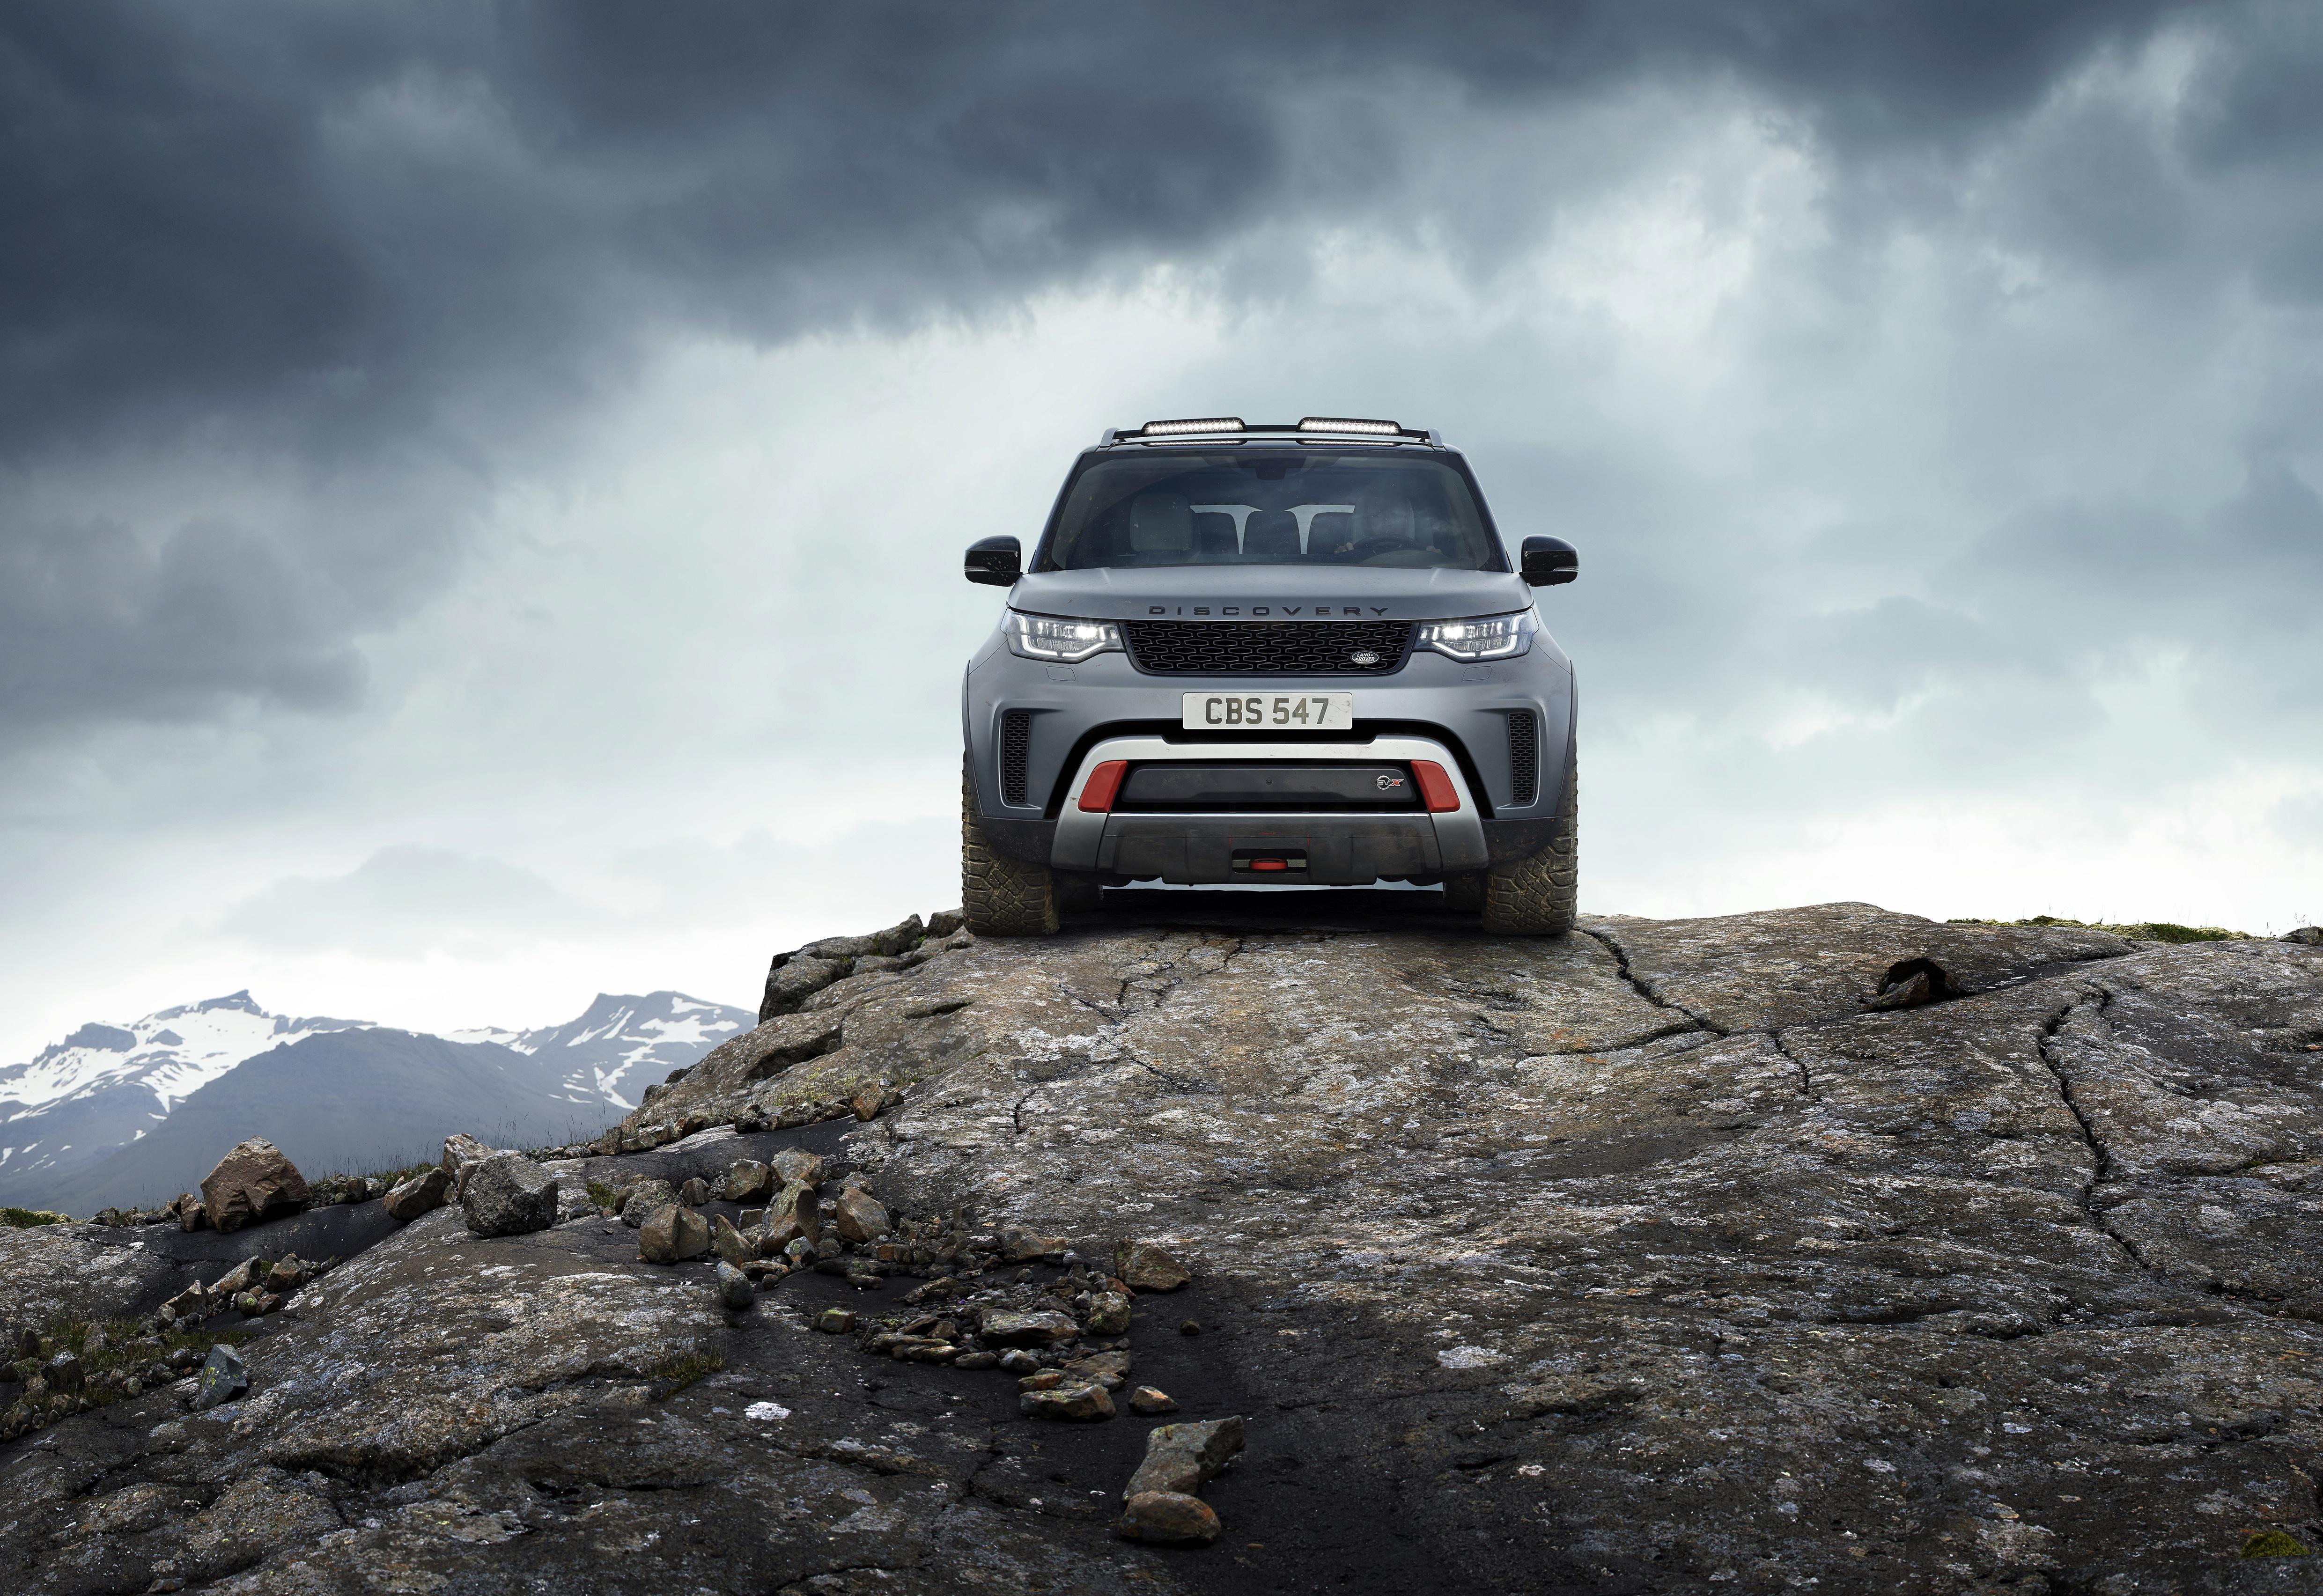 Фотографии Range Rover Внедорожник Discovery 4x4 2017 V8 SVX 525 скалы серая Камни Спереди Металлик Автомобили 4961x3409 Land Rover SUV Утес скале Скала Серый серые авто Камень машины машина автомобиль